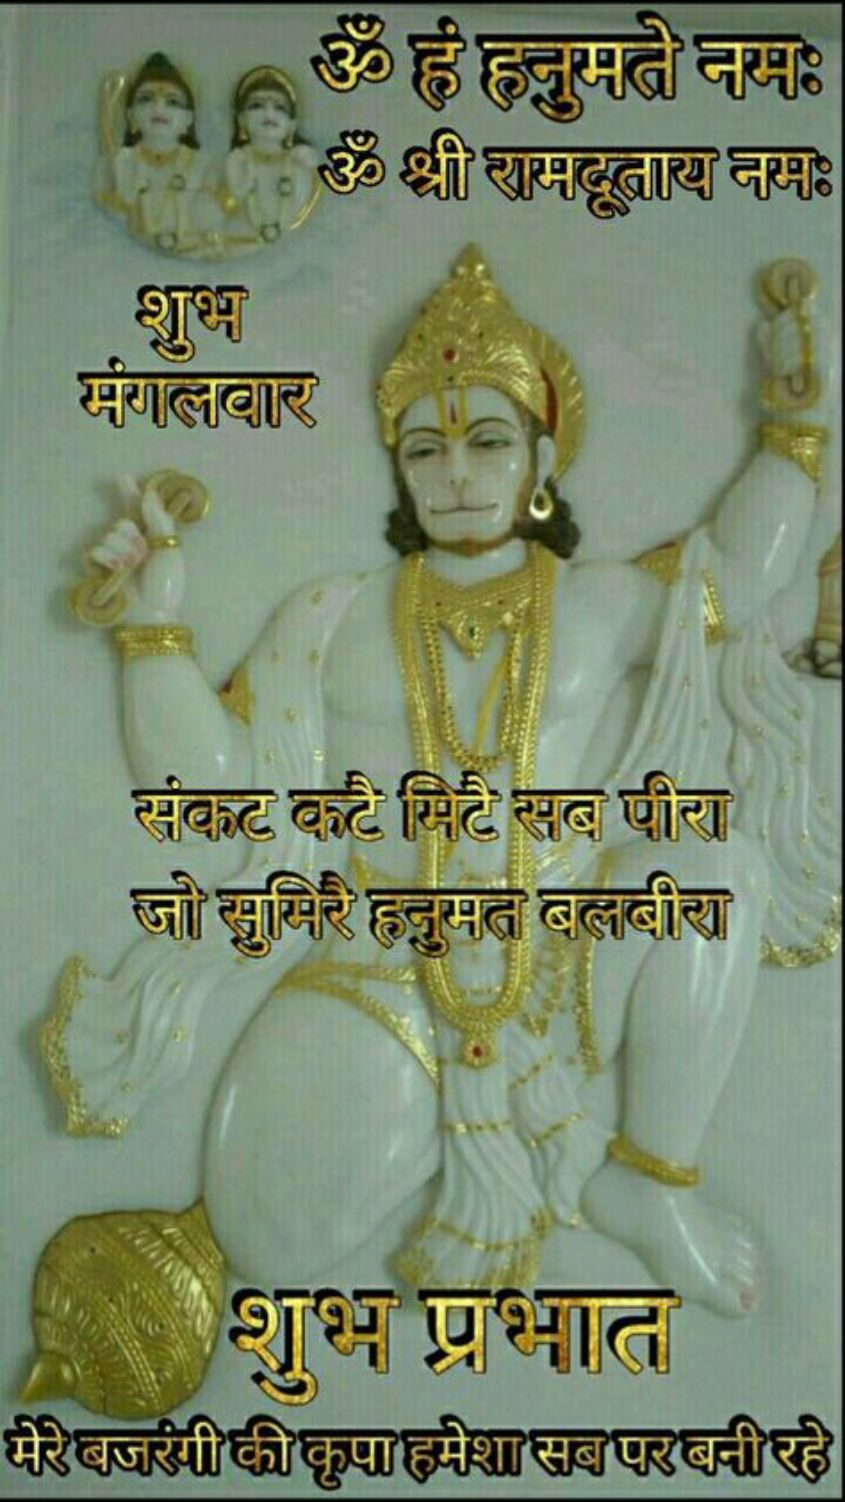 🌷शुभ मंगलवार - Aॐ हं हनुमते नमः ॐ श्री रामदूताय नमः शुभ मंगलवार संकट कटै मिटै सब पीरा जो सुमिरै हनुमत बलबीरा शुभ प्रभात मेरेबजरंगी की कृपा हमेशा सबपर बनीरहे - ShareChat